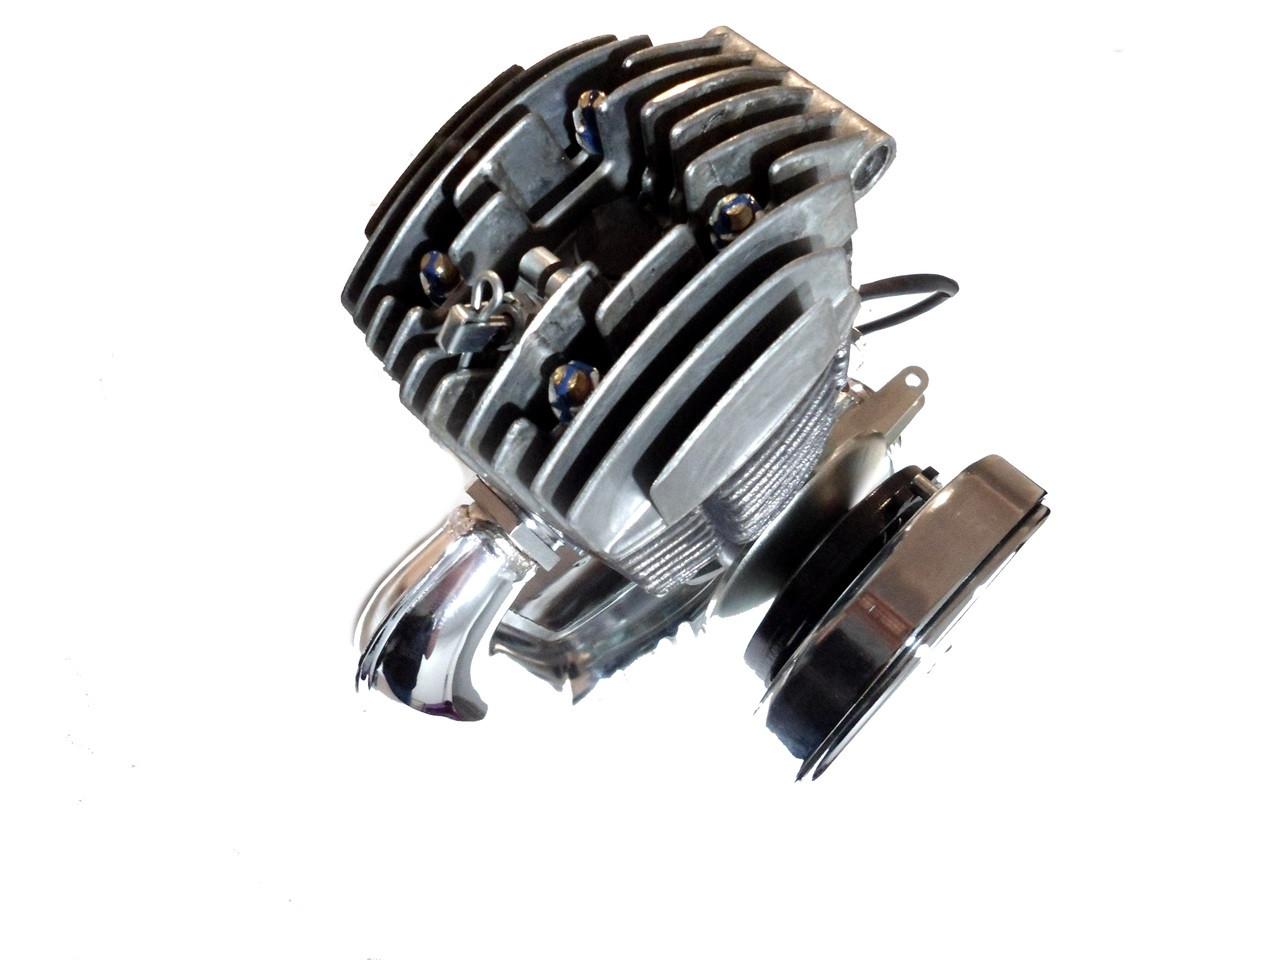 Motobecane AV7 Complete Engine